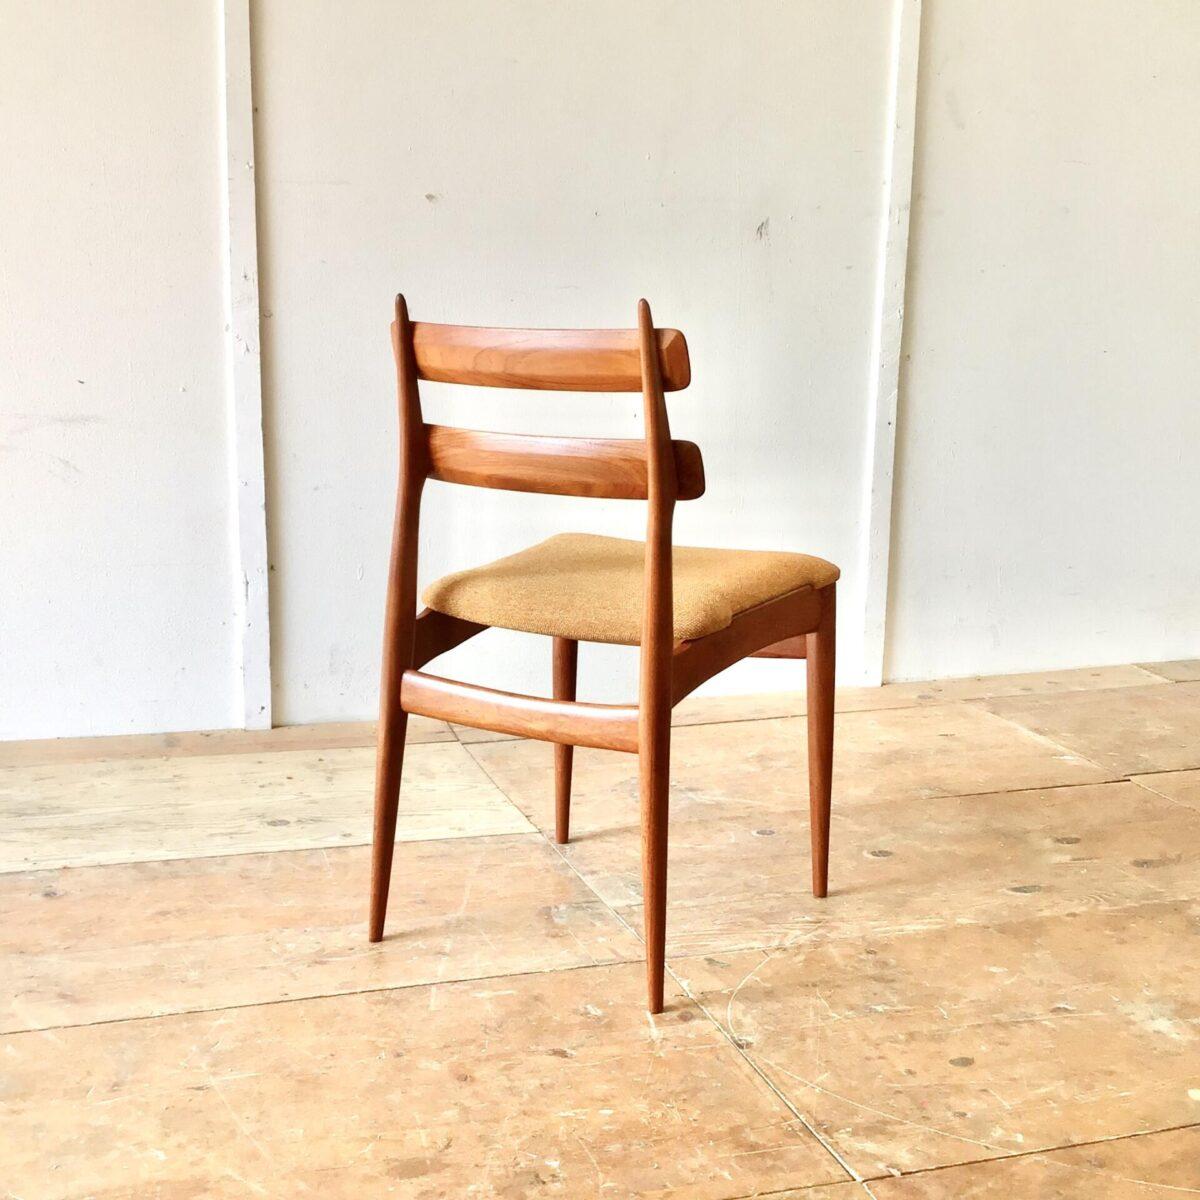 Schön erhaltenes 4er Set Esszimmer Stühle von Swiss Teak. Ein paar wacklige Holzverbindungen haben wir frisch verleimt. Der Stoffbezug ist noch der originale und in recht gutem Zustand, eine Ecke ist allerdings leicht durchgeschabt. Ist auf Bild drei Sichtbar. Die Stühle sind sehr hochwertig verarbeitet, und bis in die Details schön geformt.